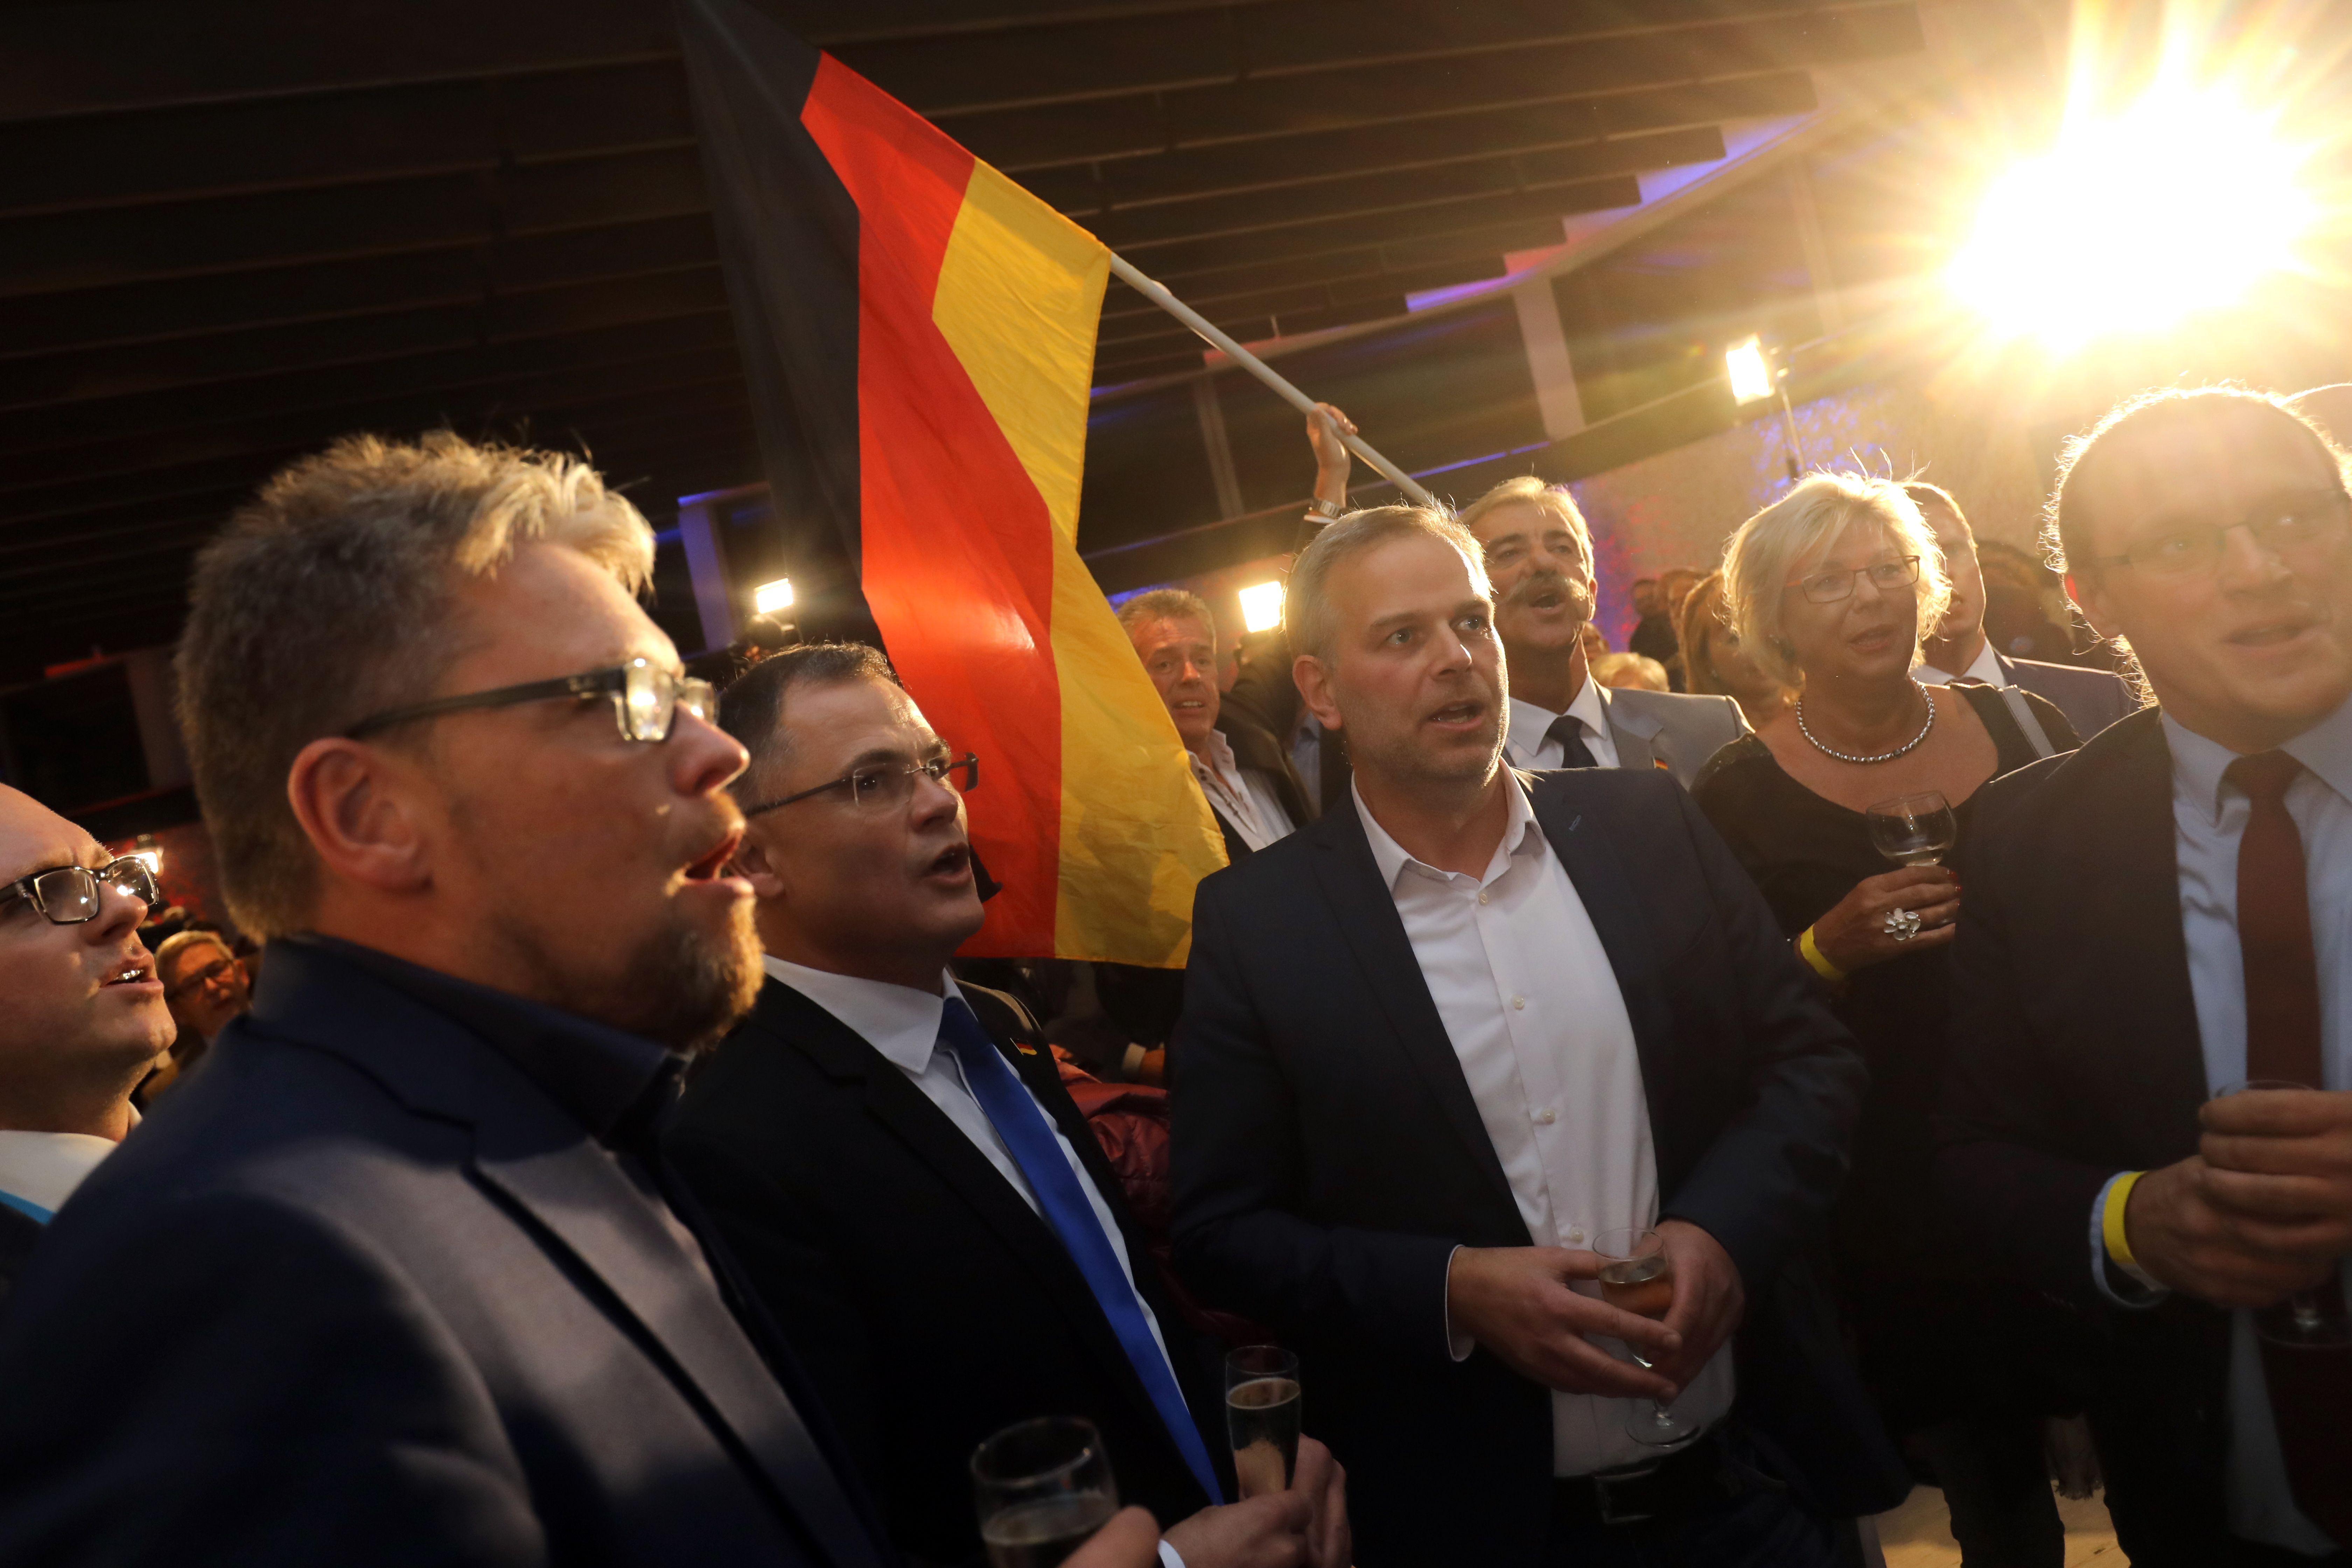 Un cinematograf oferă acces gratuit la Lista lui Schindler membrilor unui partid extremist